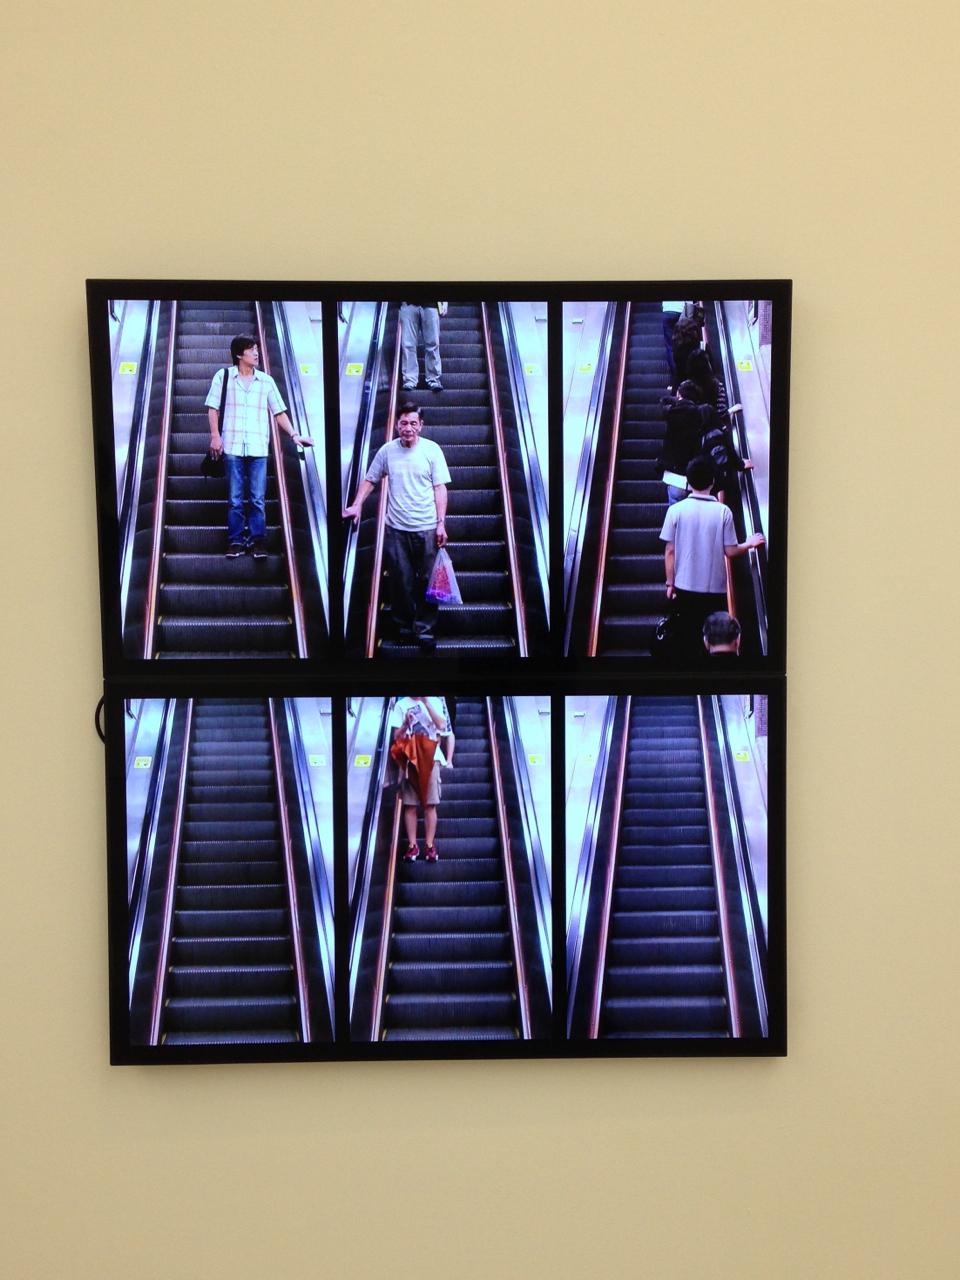 Na sala dos chineses, esta instalação de dois vídeos divididos em três que exibiam escadas rolantes, subindo e descendo com pausas intermitentes e separadas, tinha um efeito ótico e estético deslumbrante!  É de 2009 do artista Silas Fong.